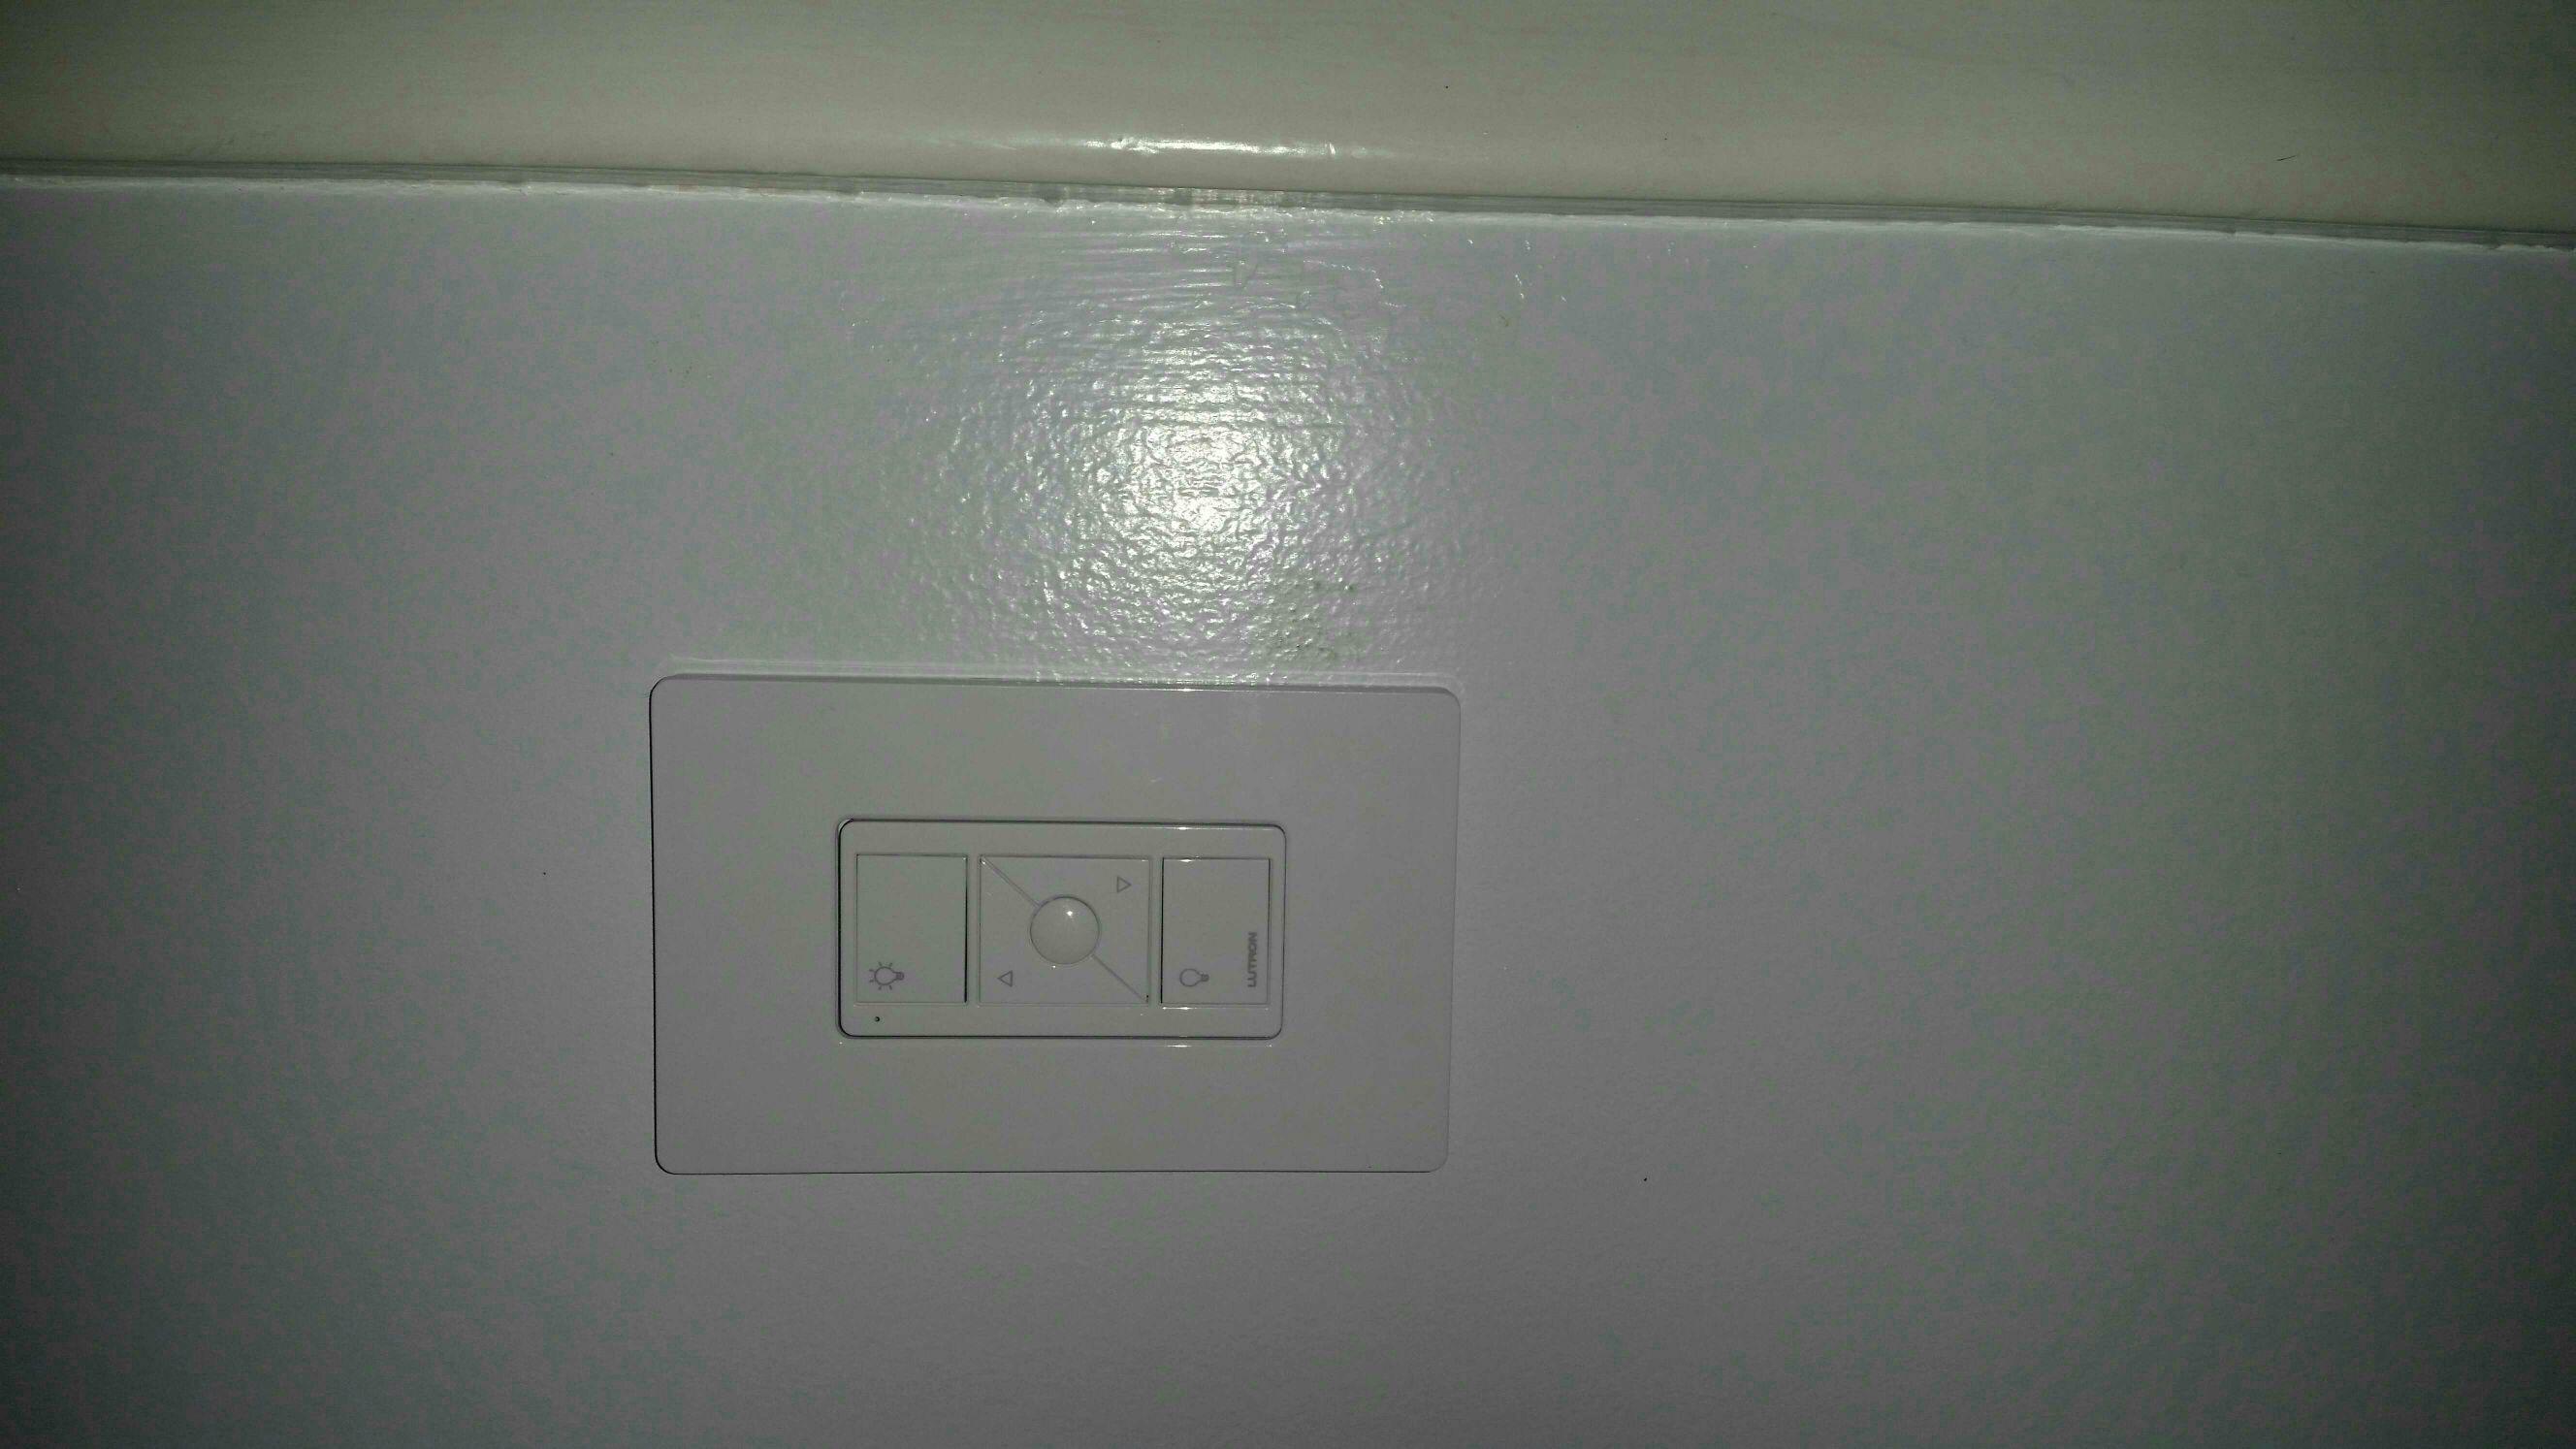 Hunter Fan Switch Wiring Diagram Http Wwwdiychatroomcom F18